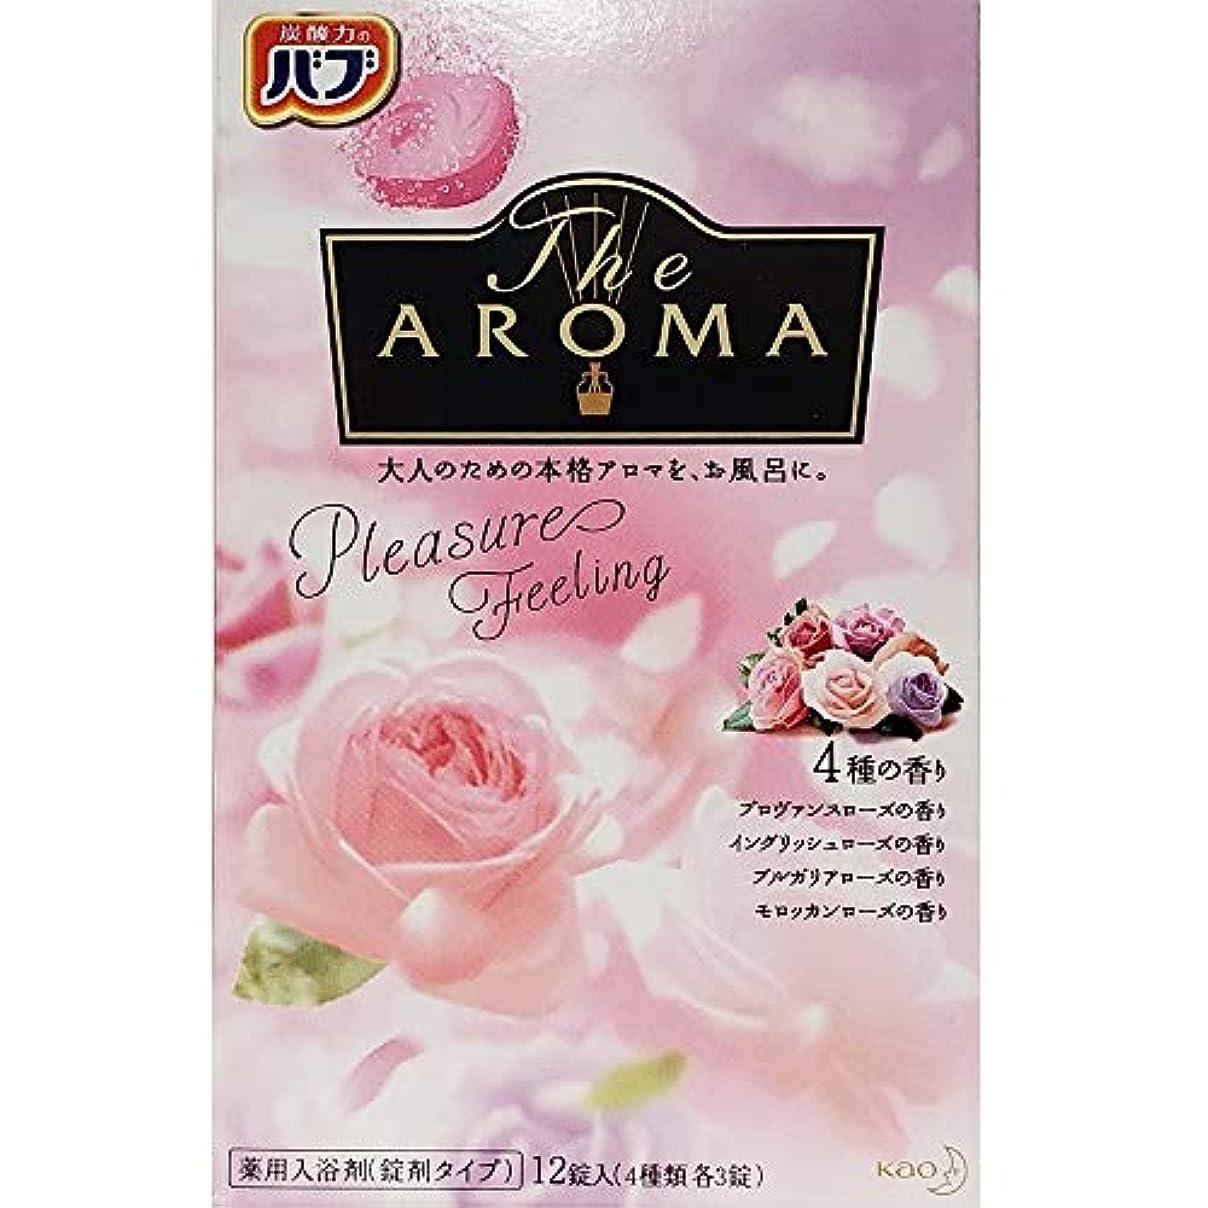 名声袋パン屋バブ The Aroma Pleasure Feeling 40g×12錠(4種類 各3錠) 医薬部外品